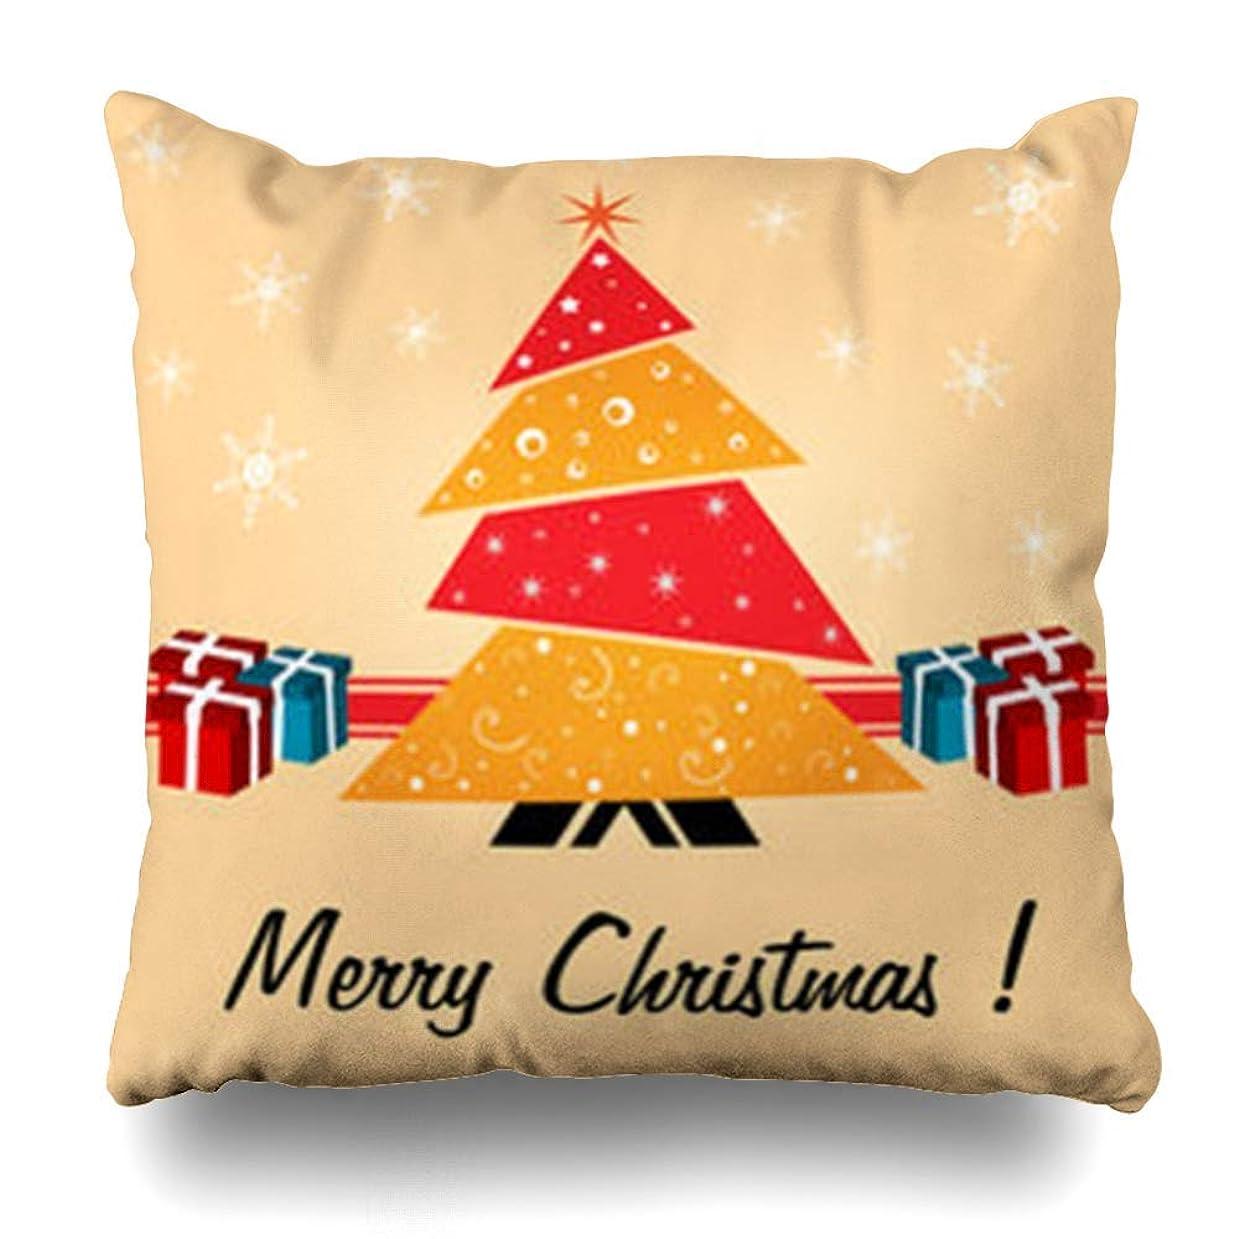 形成節約する美徳スロー枕カバーグラフィックアーティスティックアブストラクトクリスマスツリー季節の休日ノエルボックス祝うお祝いホームデコレーションクッションケーススクエア18 * 18インチインテリアソファ枕カバー